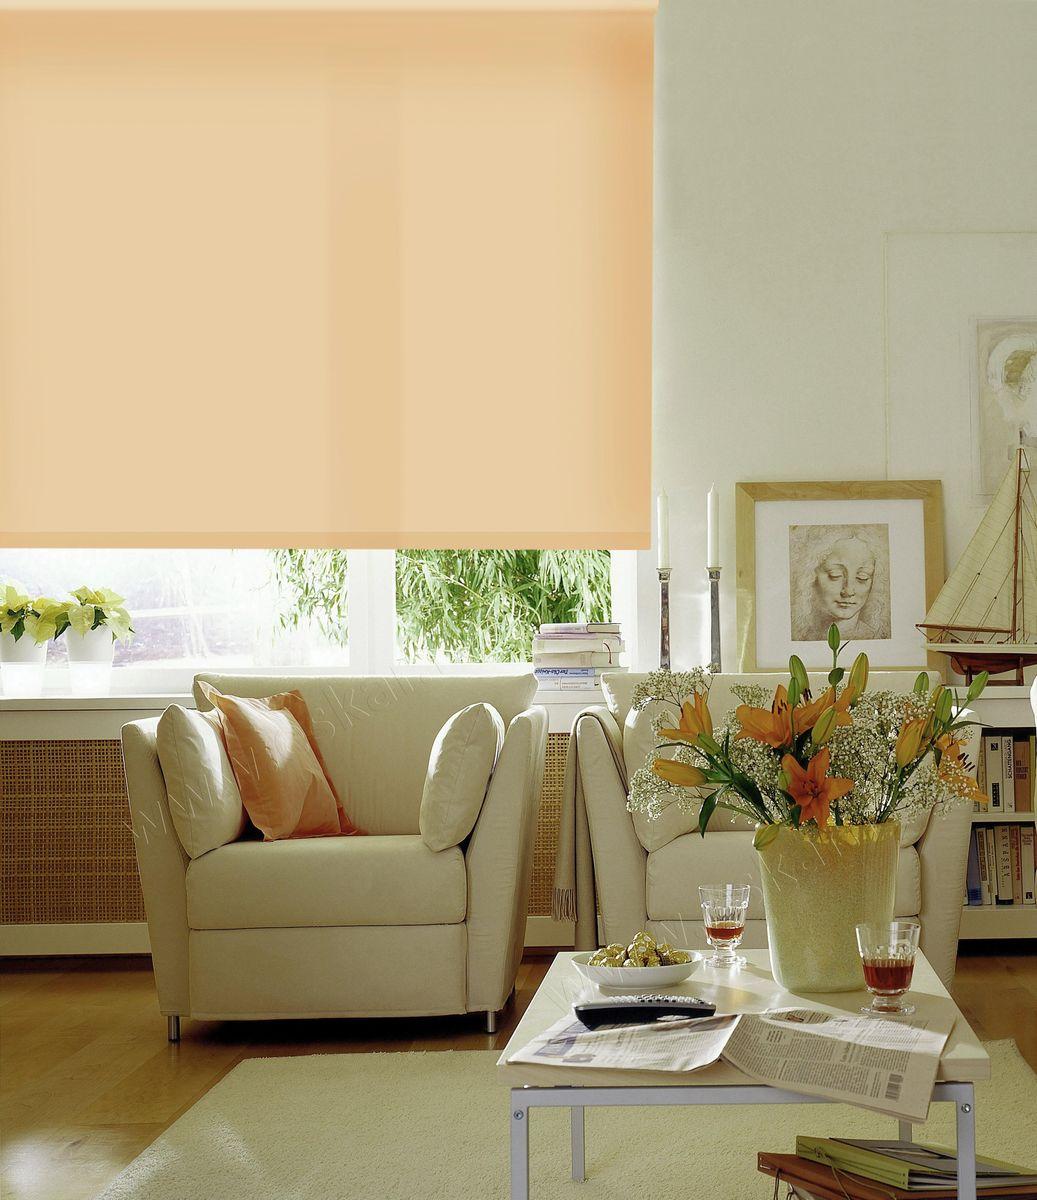 Штора рулонная Эскар, цвет: светло-абрикосовый, ширина 130 см, высота 170 см012H1800Рулонными шторами можно оформлять окна как самостоятельно, так и использовать в комбинации с портьерами. Это поможет предотвратить выгорание дорогой ткани на солнце и соединит функционал рулонных с красотой навесных.Преимущества применения рулонных штор для пластиковых окон:- имеют прекрасный внешний вид: многообразие и фактурность материала изделия отлично смотрятся в любом интерьере; - многофункциональны: есть возможность подобрать шторы способные эффективно защитить комнату от солнца, при этом о на не будет слишком темной. - Есть возможность осуществить быстрый монтаж. ВНИМАНИЕ! Размеры ширины изделия указаны по ширине ткани!Во время эксплуатации не рекомендуется полностью разматывать рулон, чтобы не оторвать ткань от намоточного вала.В случае загрязнения поверхности ткани, чистку шторы проводят одним из способов, в зависимости от типа загрязнения: легкое поверхностное загрязнение можно удалить при помощи канцелярского ластика; чистка от пыли производится сухим методом при помощи пылесоса с мягкой щеткой-насадкой; для удаления пятна используйте мягкую губку с пенообразующим неагрессивным моющим средством или пятновыводитель на натуральной основе (нельзя применять растворители).